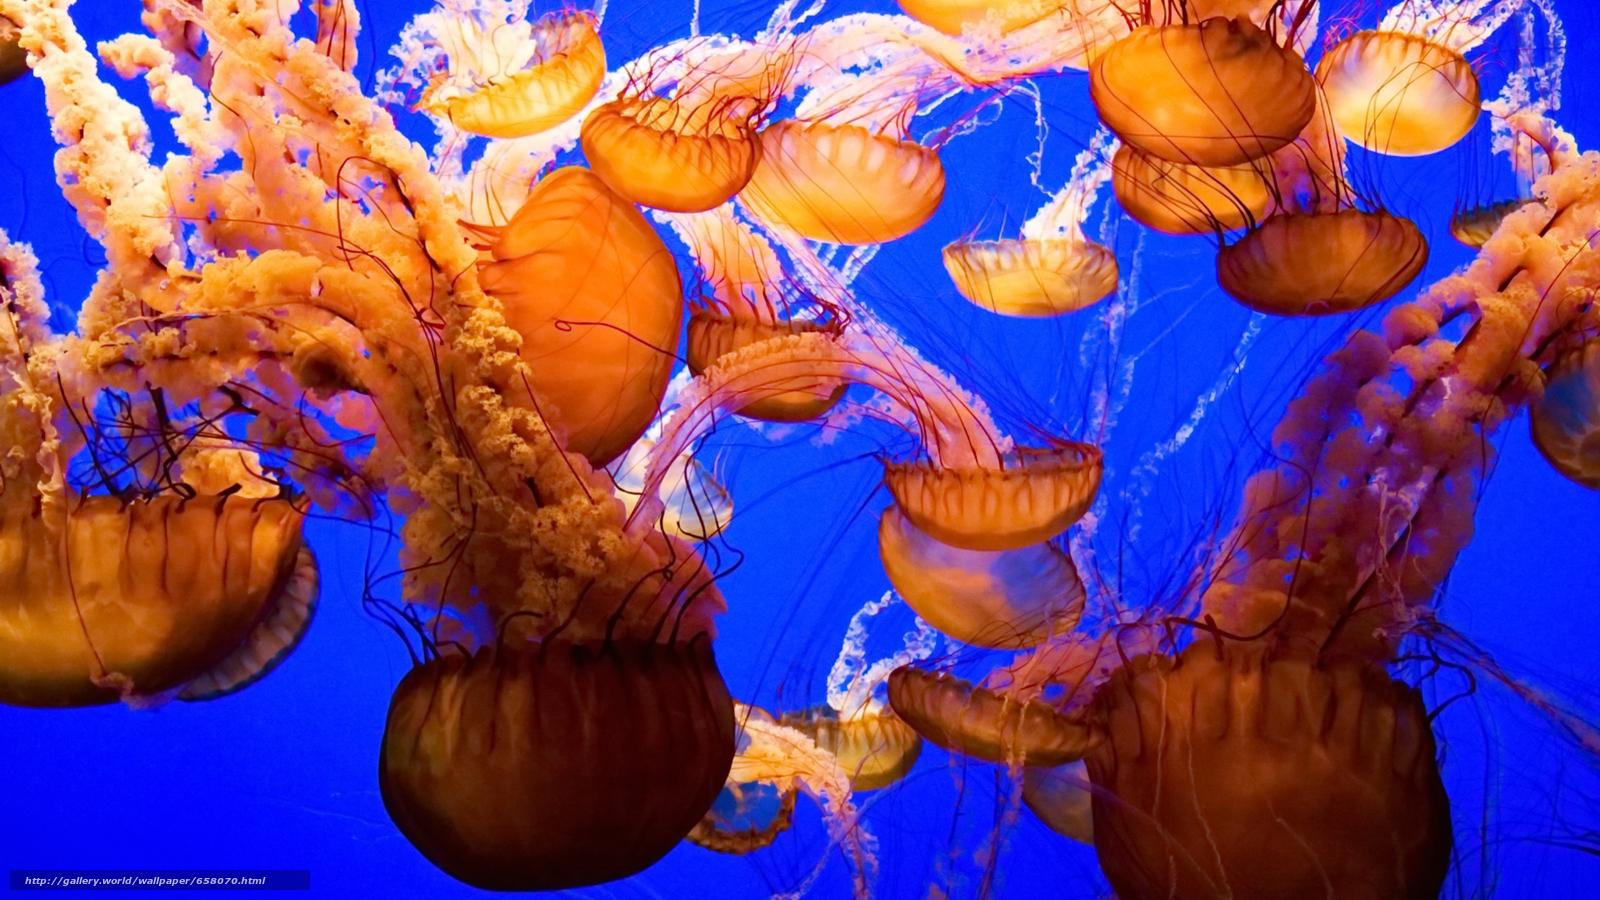 Скачать обои медуза,  медузы,  подводный мир,  вода бесплатно для рабочего стола в разрешении 1920x1080 — картинка №658070